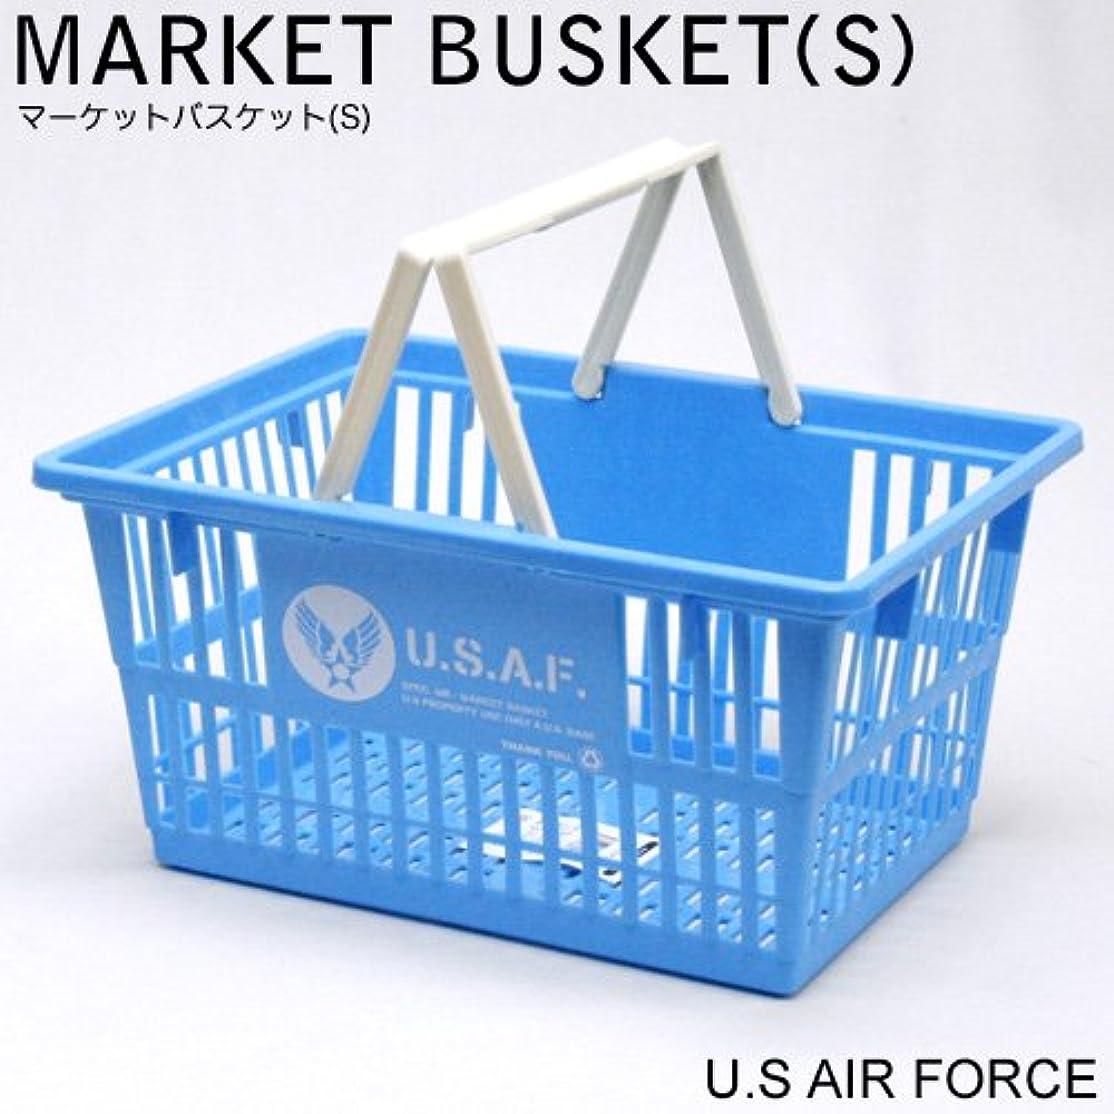 行うつ繕うアメリカンデザインが映えるショッピングバスケット。マーケットバスケット Sサイズ <U.S.AIR FORCE>